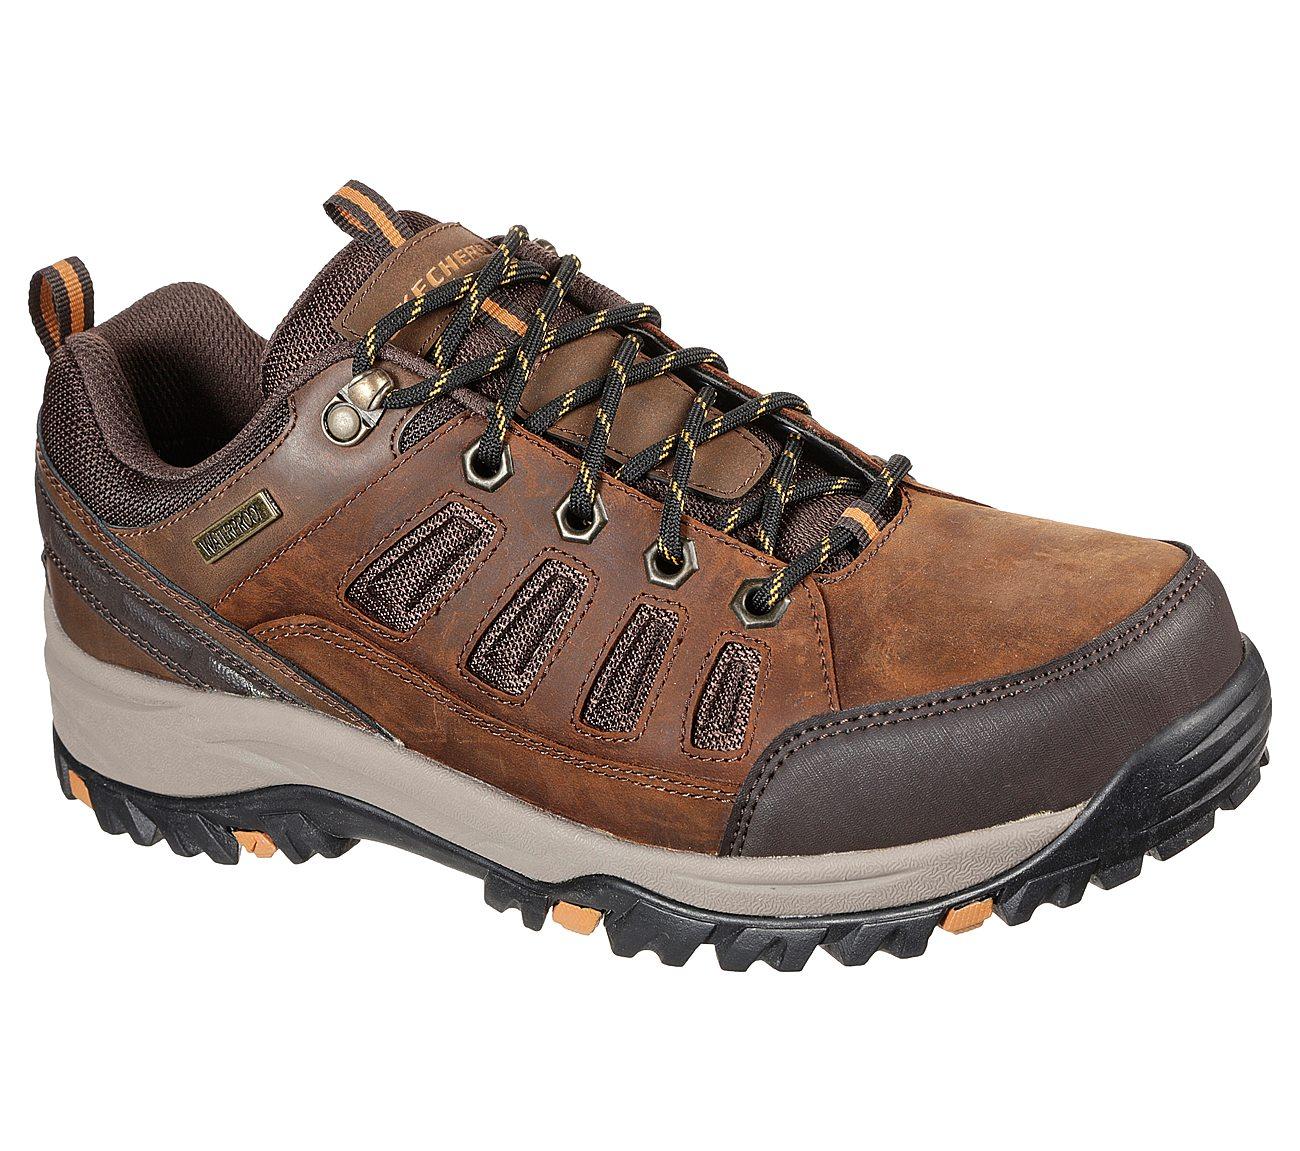 skechers walk fit shoes